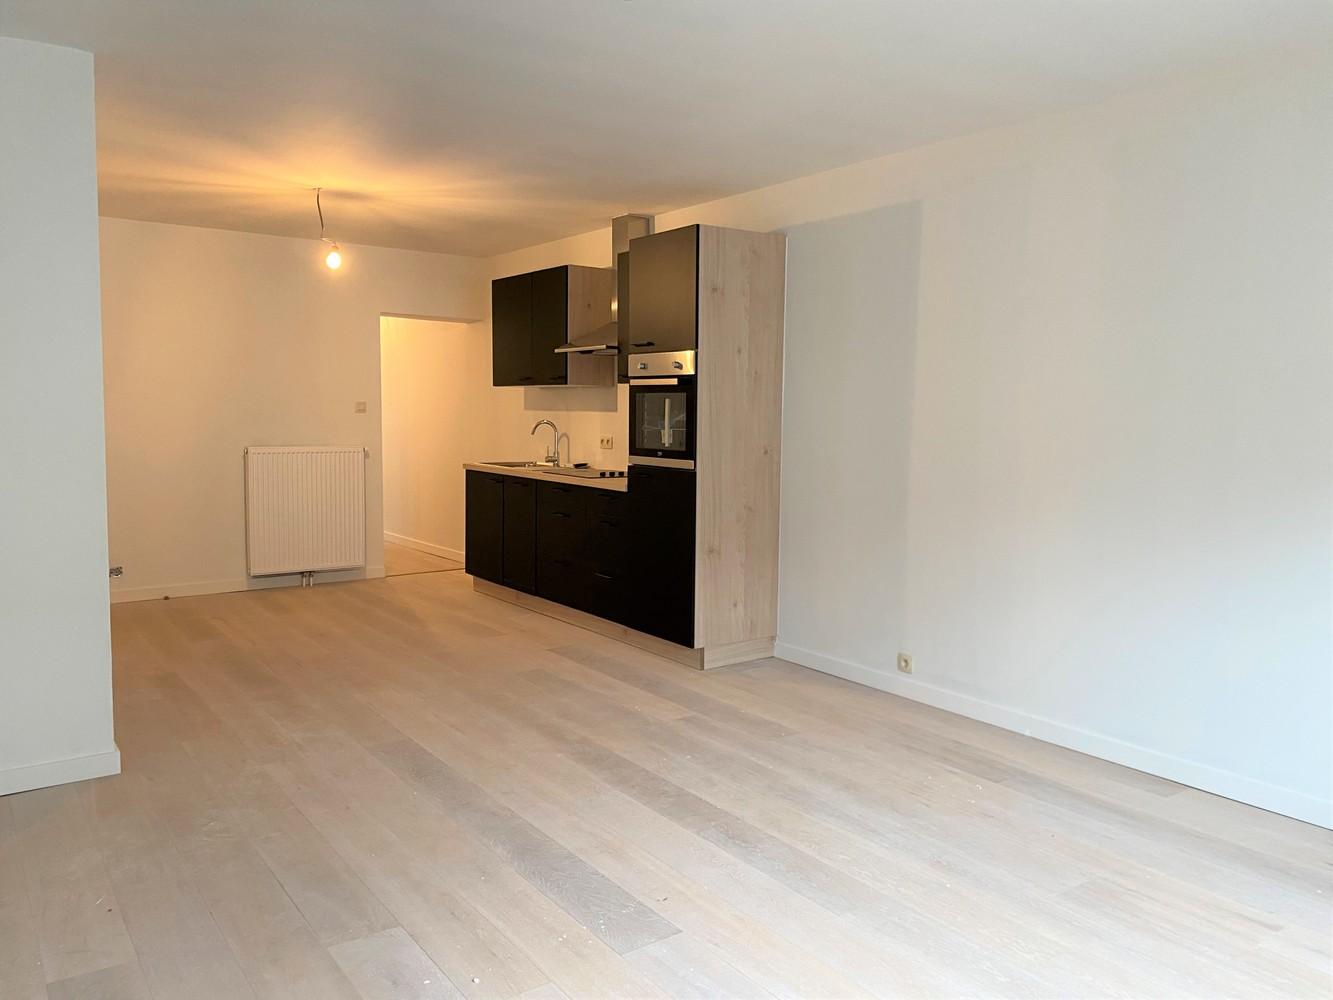 Volledig gerenoveerd appartement met 2 slk op centrale locatie in Borgerhout afbeelding 4